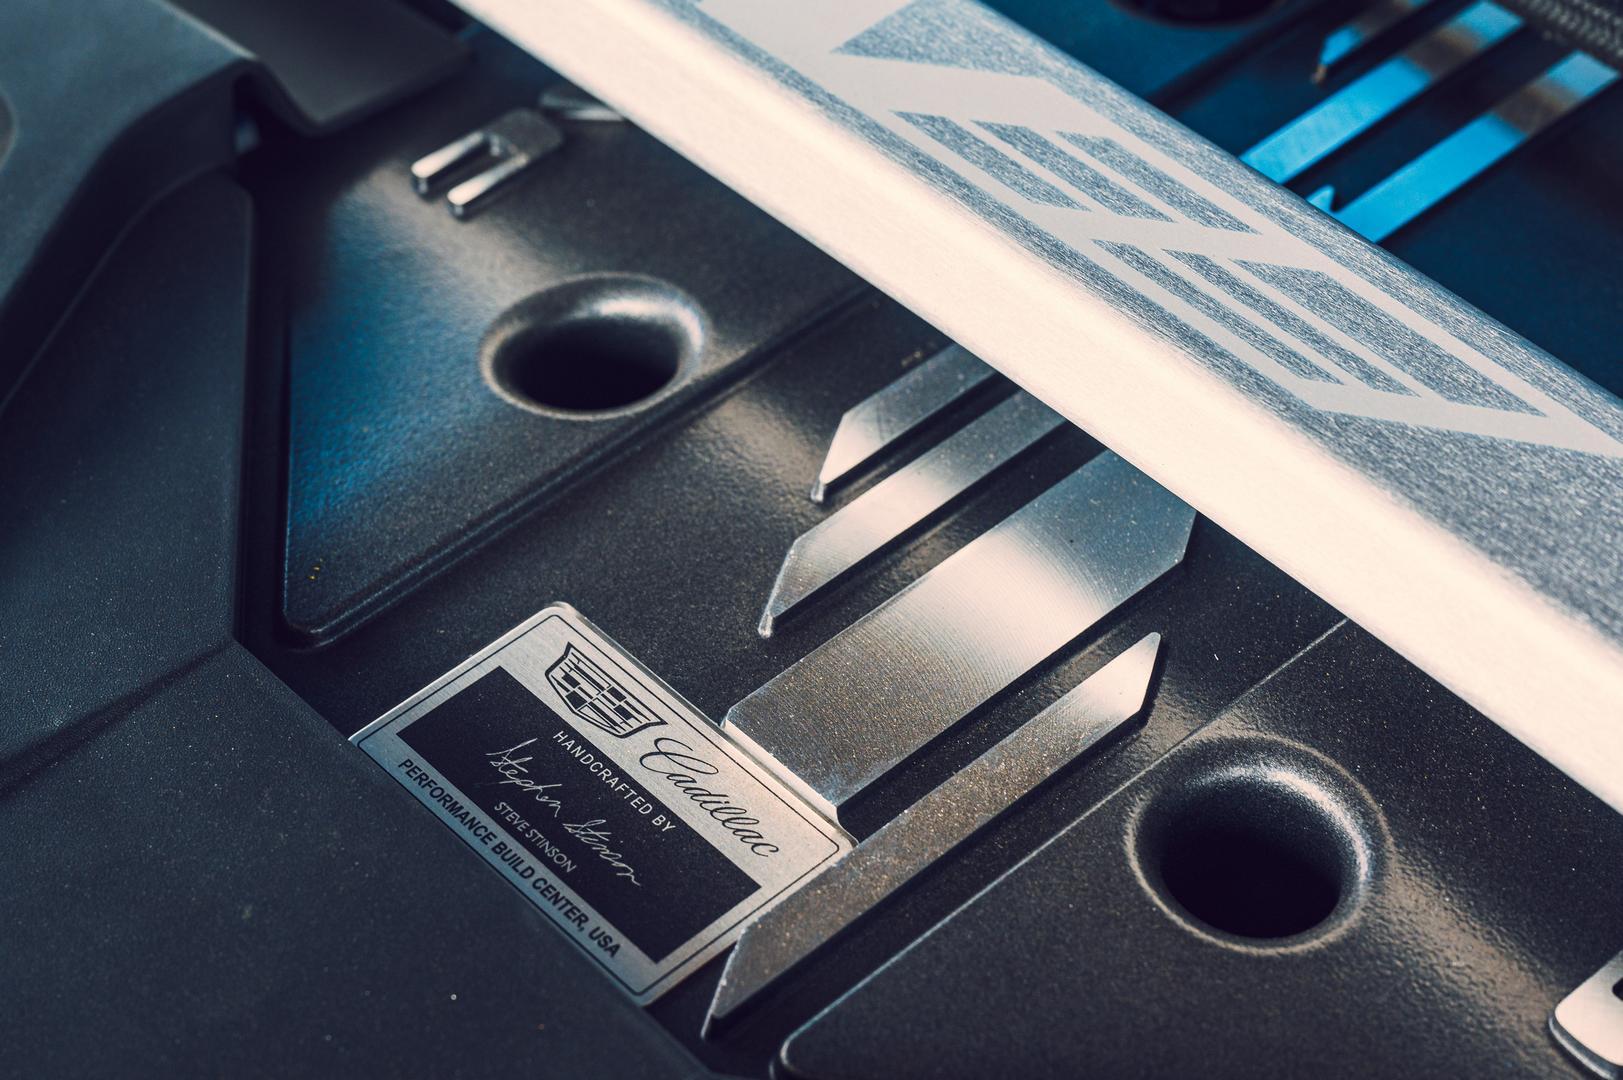 2022 Cadillac CTS-V Blackwing badge